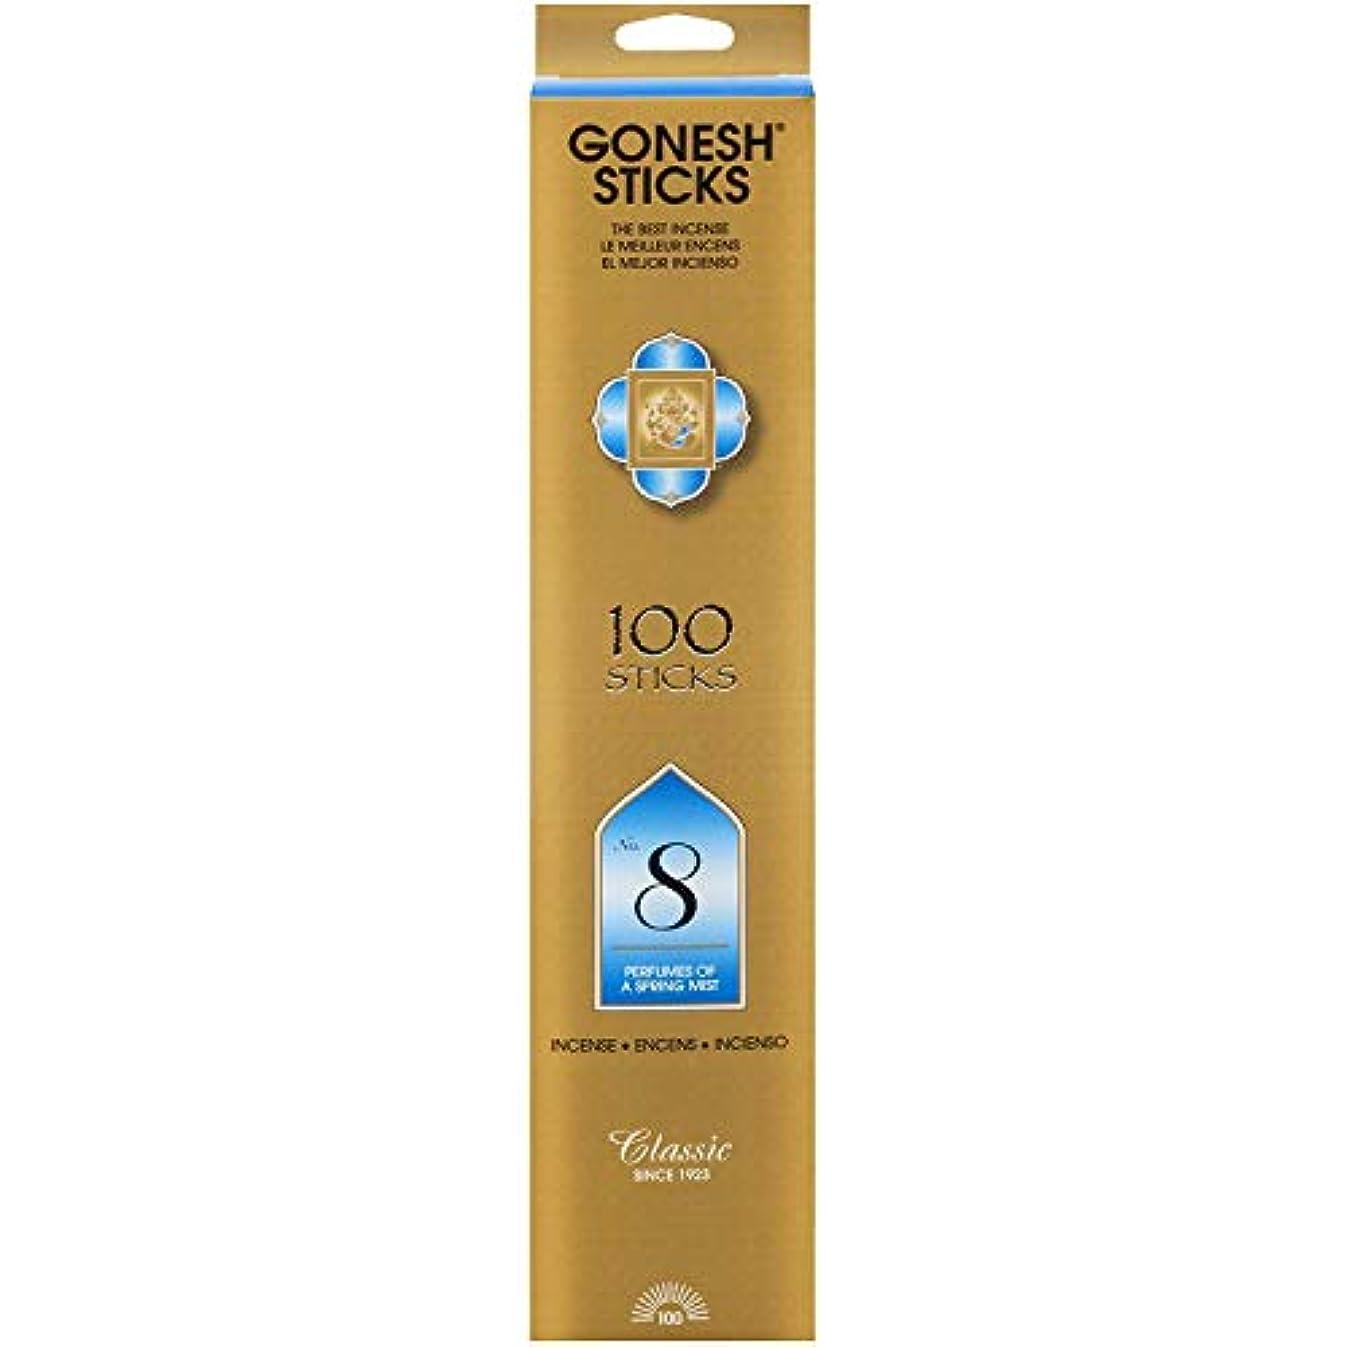 曲げるフラップ熱GONESH インセンス No.8 スティック 100本入 セット販売 (2個)